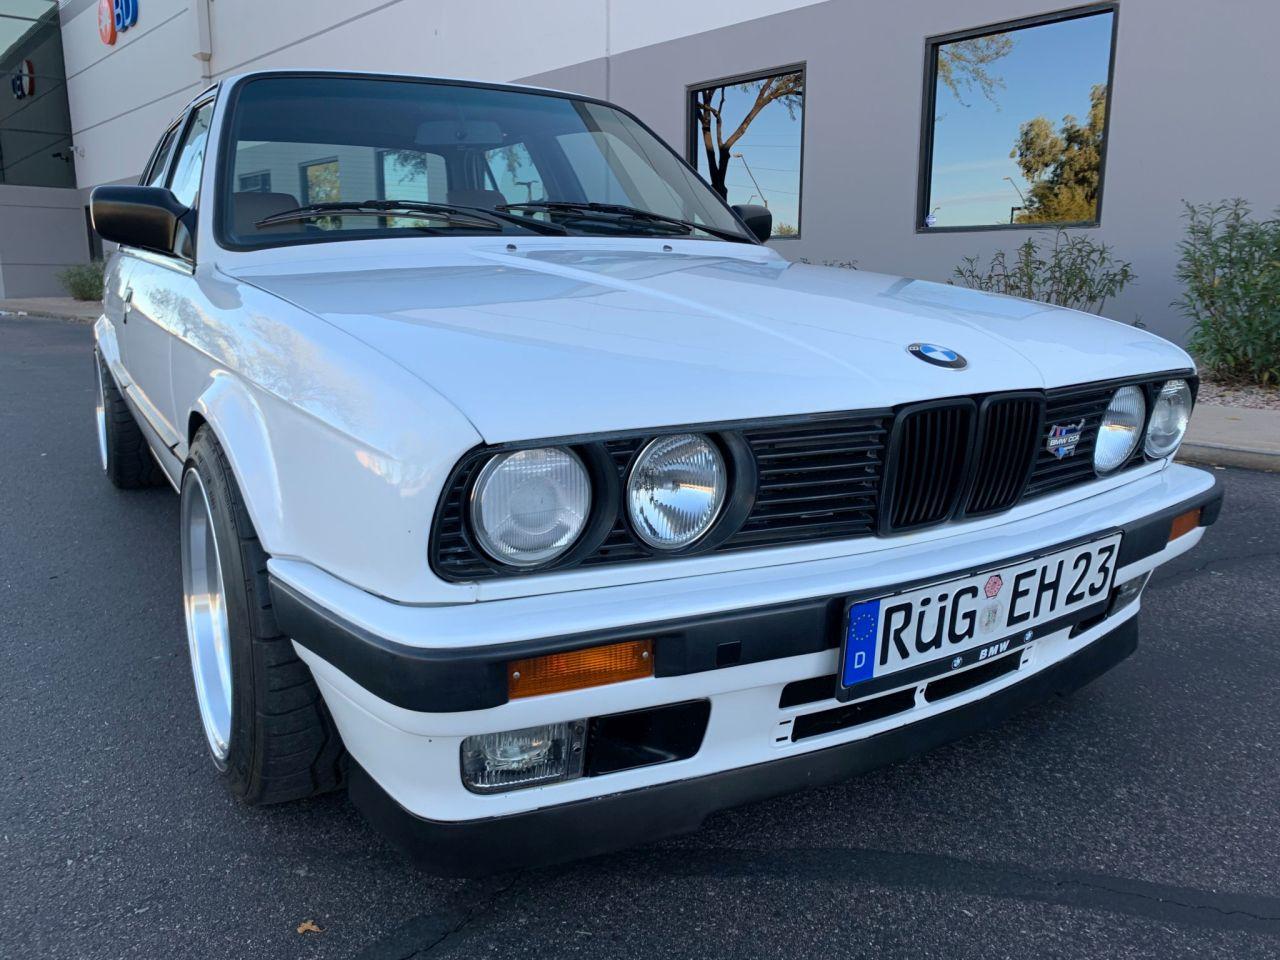 BMW 325i en S62 - Parce que 8, c'est mieux que 6 ! 1